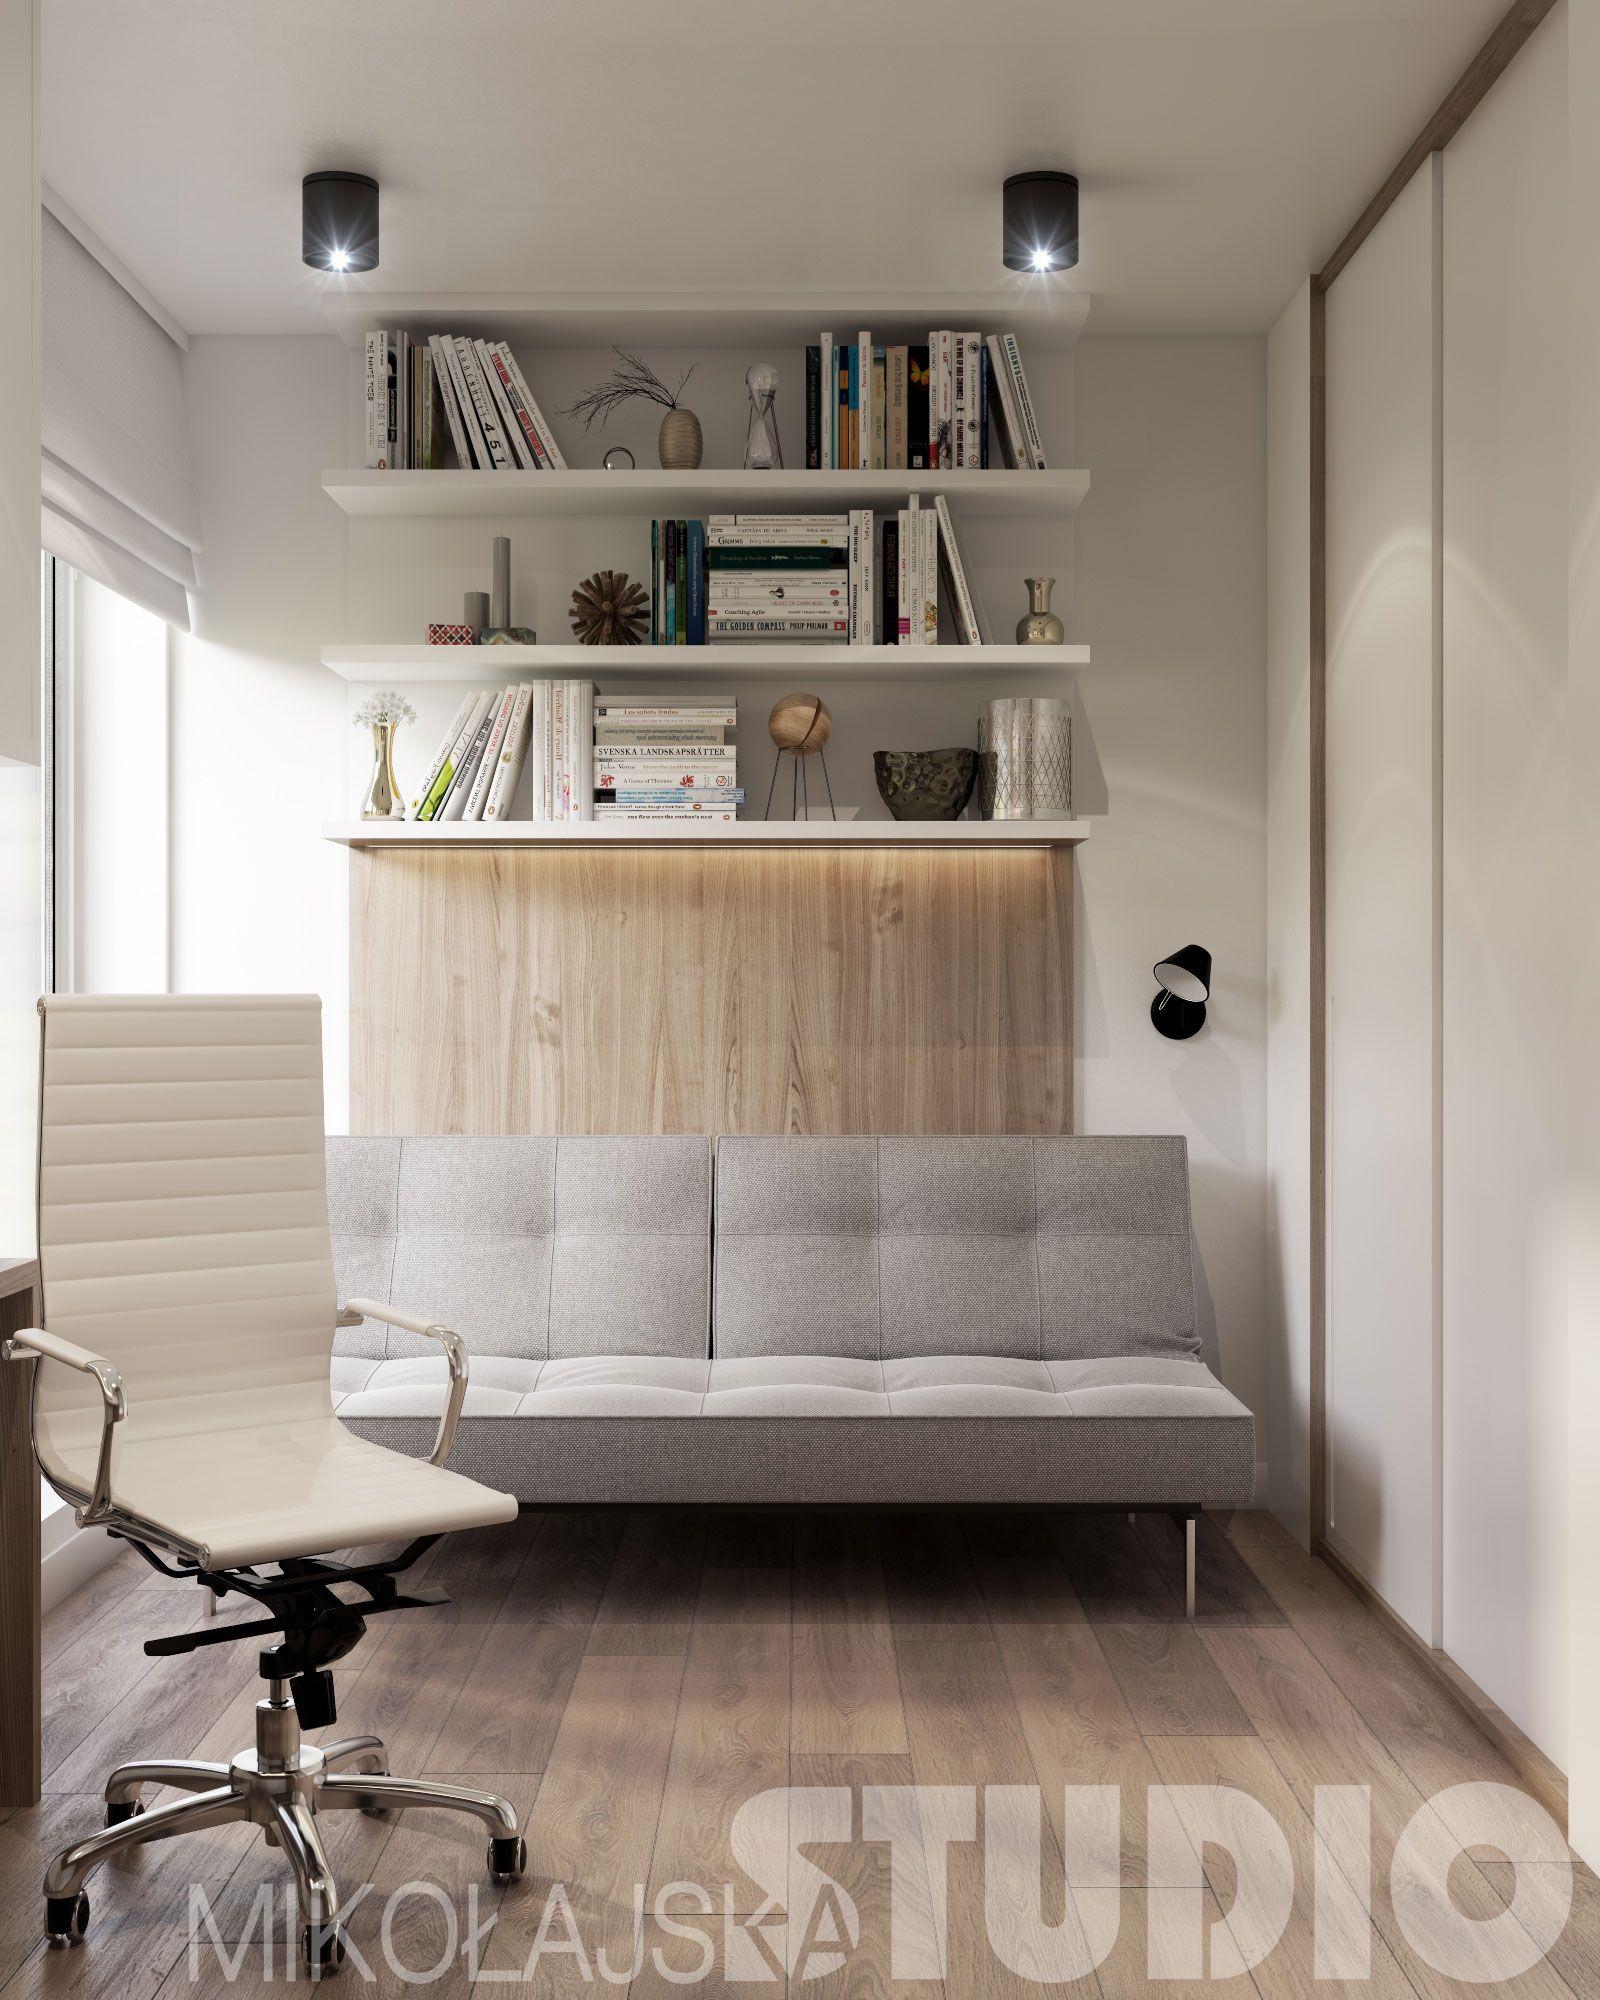 DOMOWE BIURO W STYLU SKANDYNAWSKIM Home decor, Interior